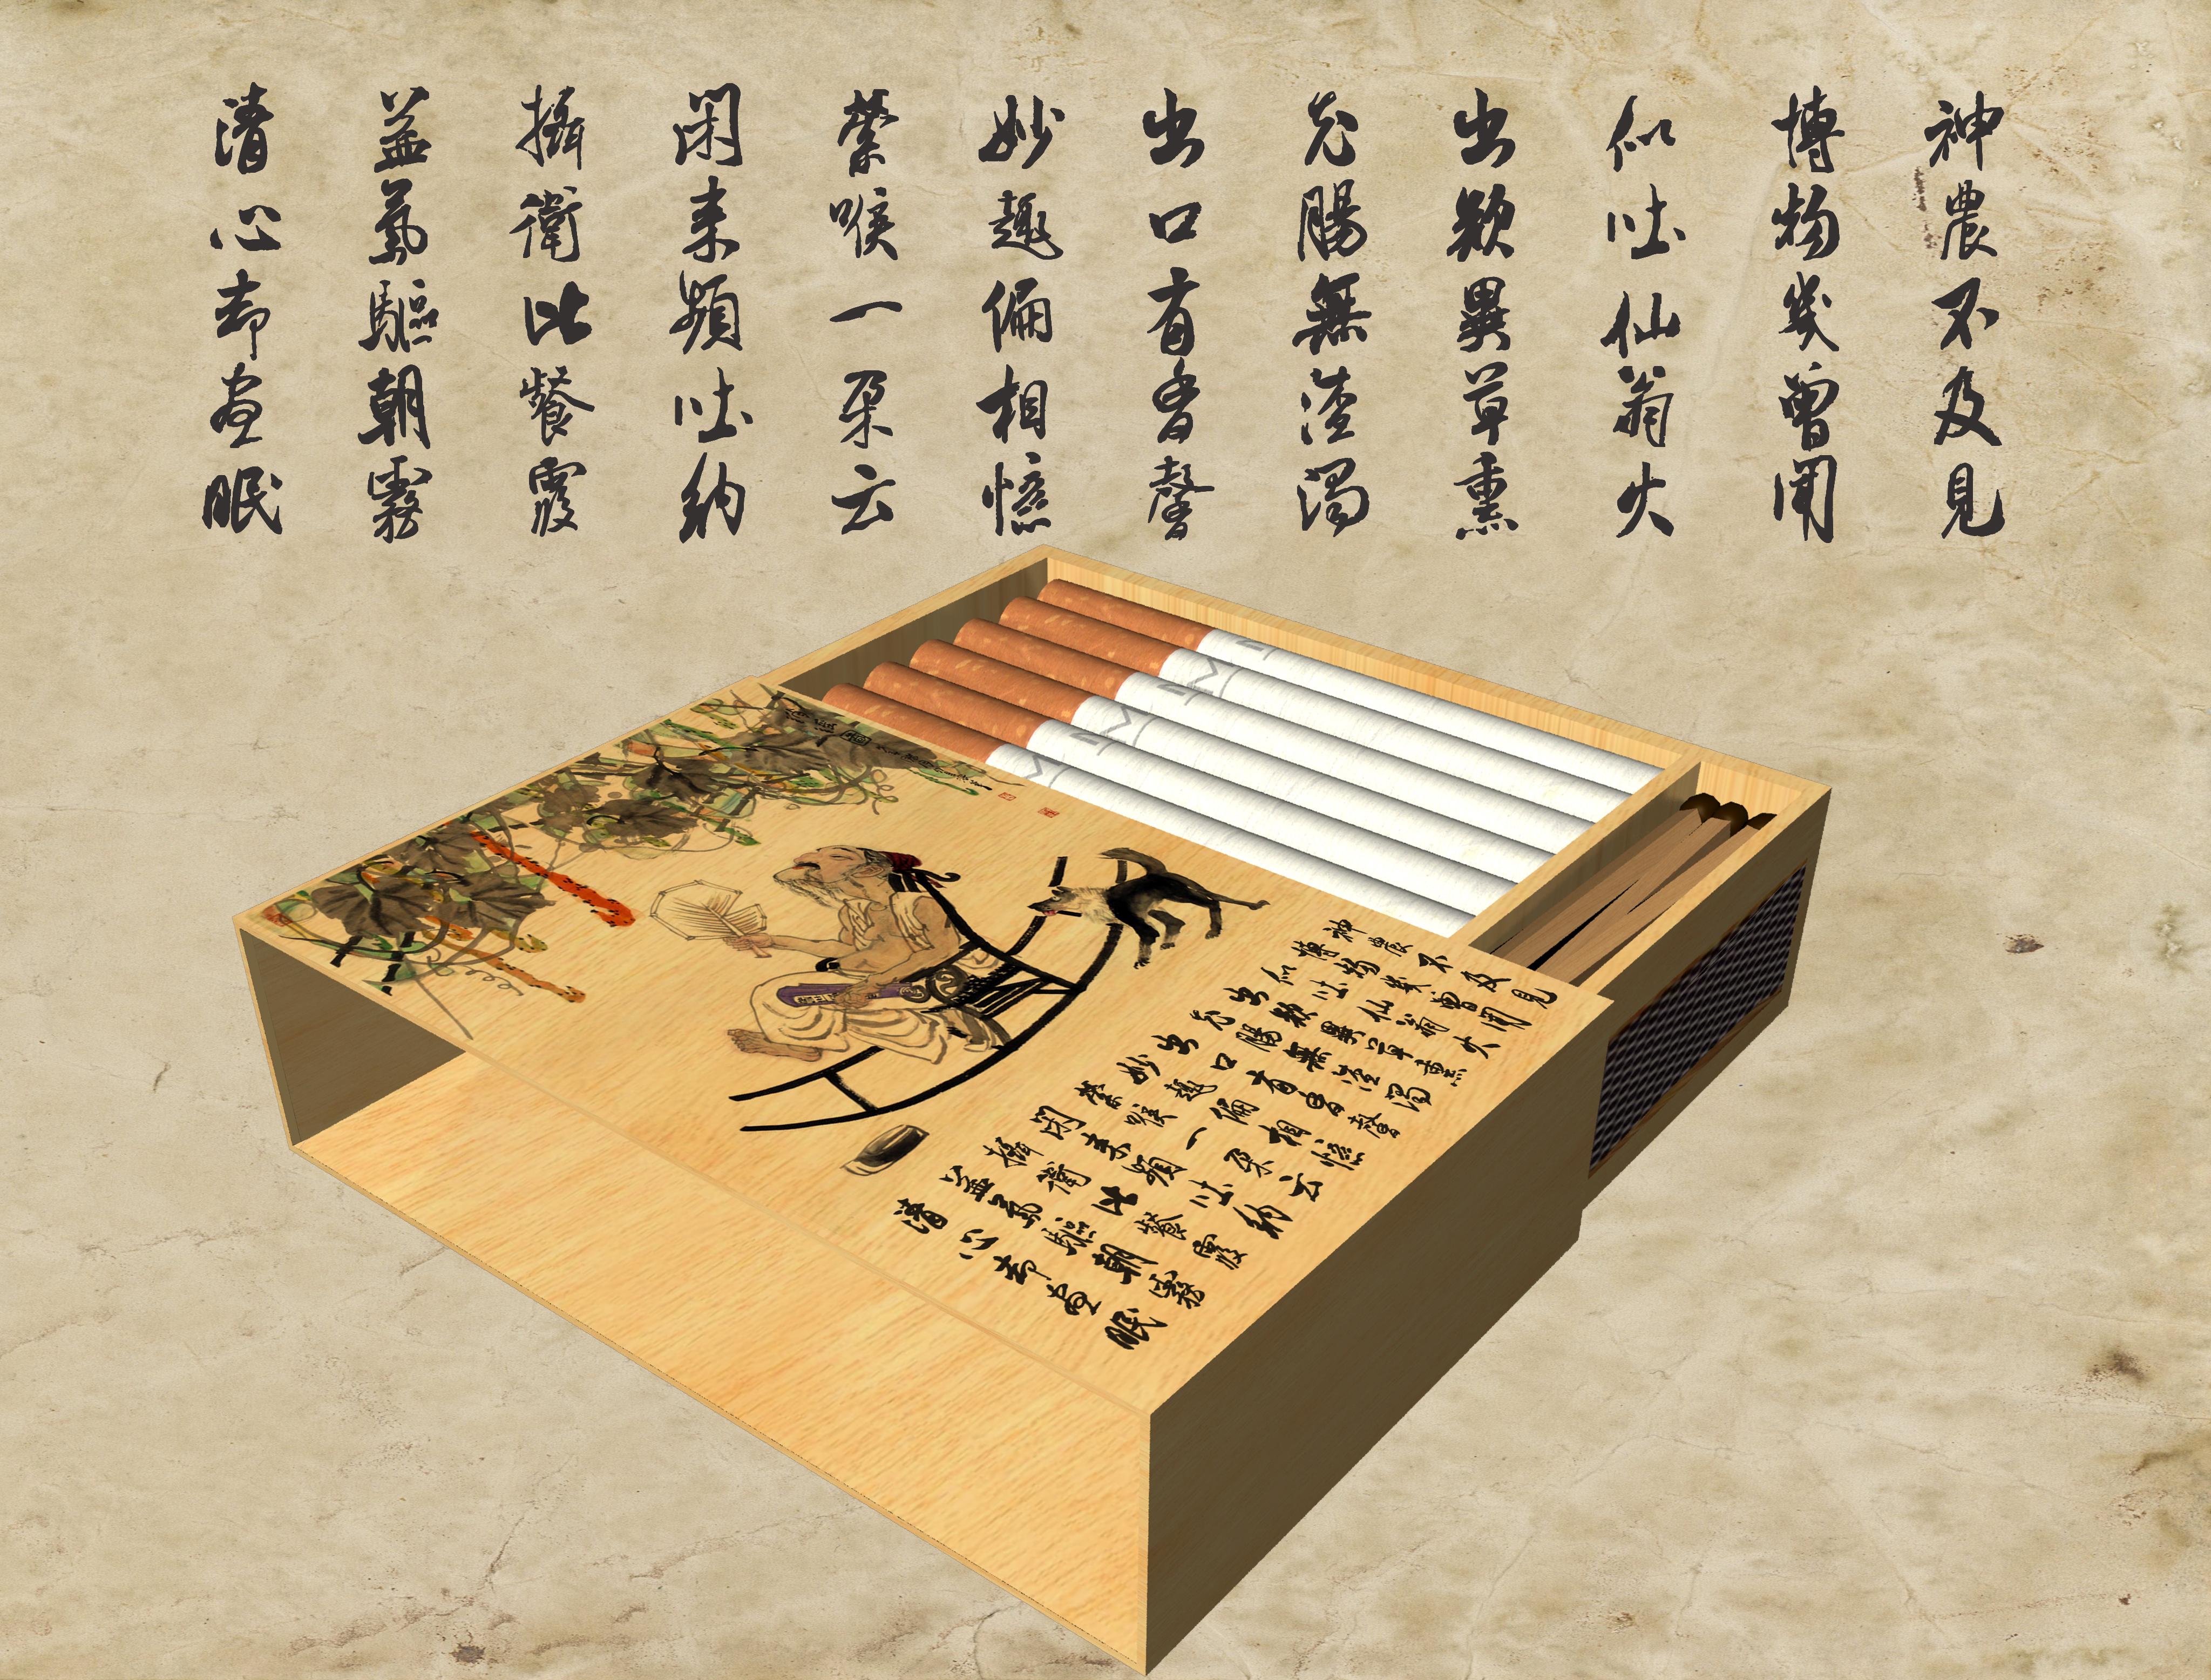 采用木质材料设计的烟盒档次凸显,包装盒结构